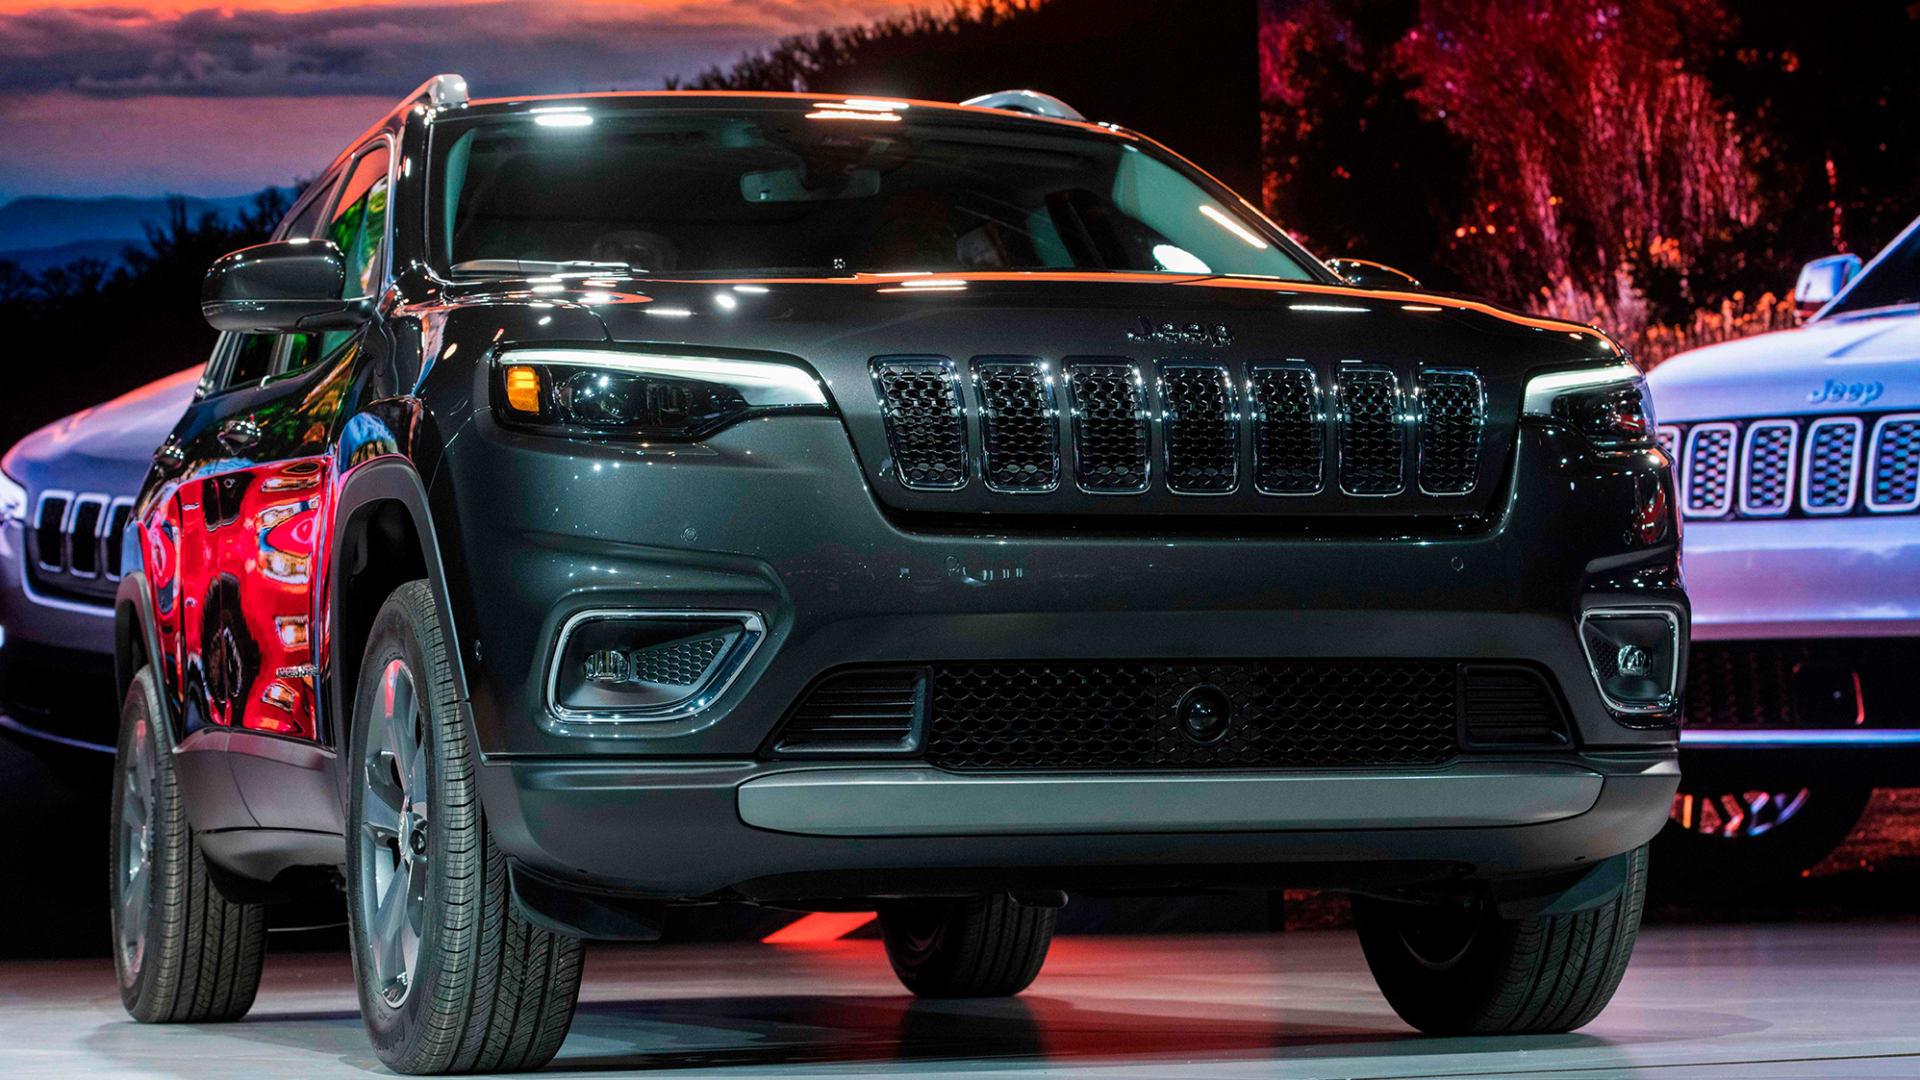 """بعد 47 عاماً.. شركة Jeep قد تتخلى عن اسم سيارات """"شيروكي"""""""